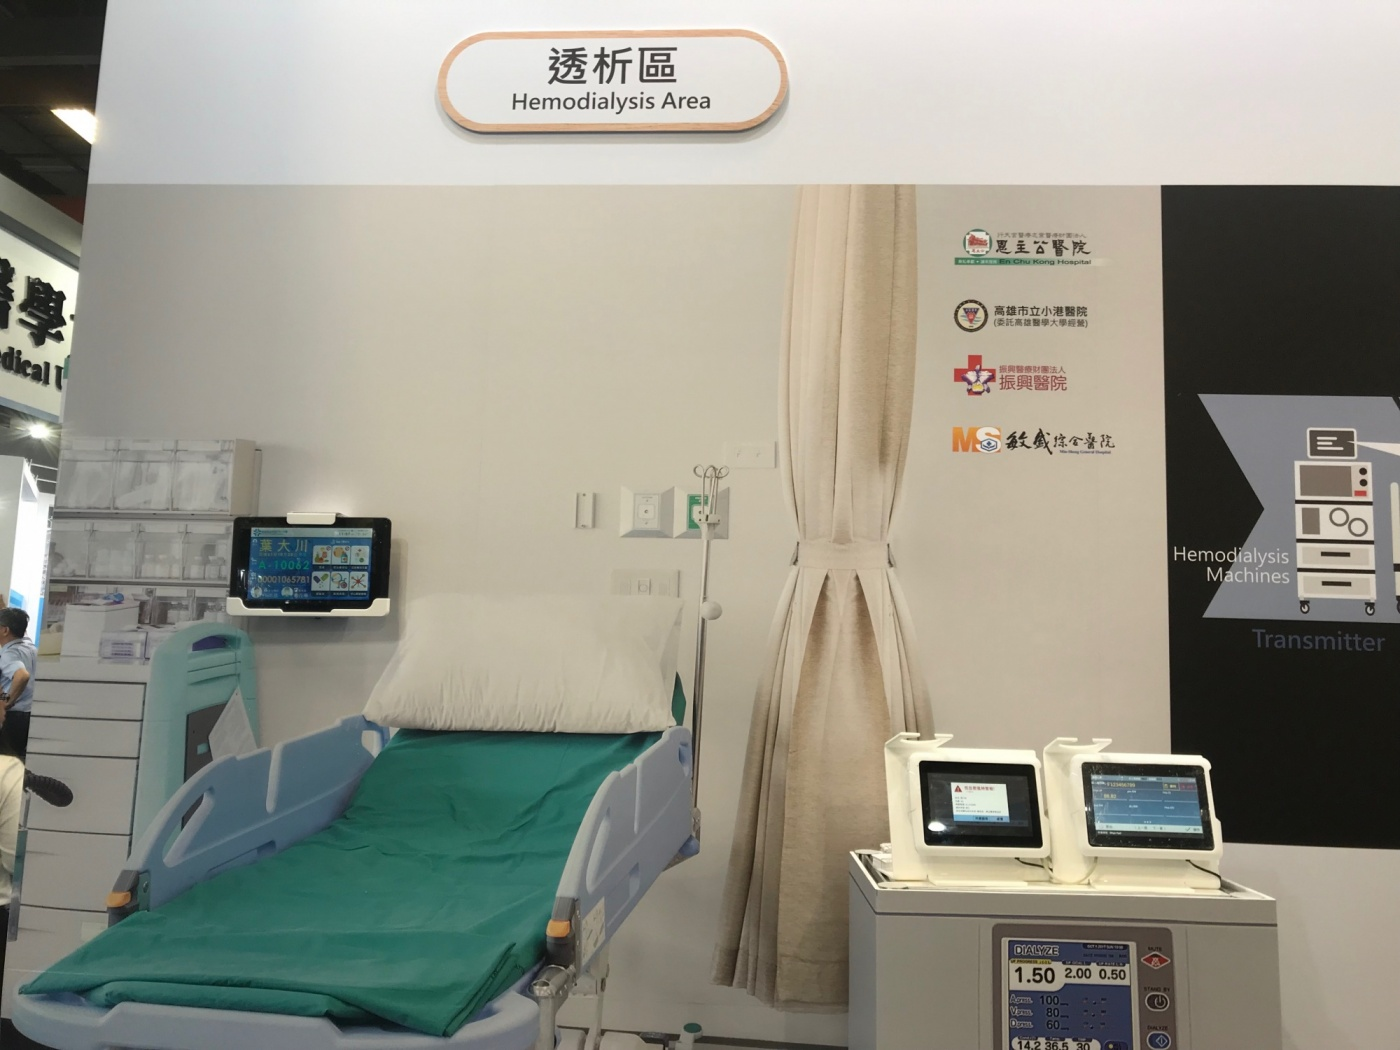 台灣「洗腎島」名號冠全球,緯創和恩主公醫院用AI幫醫、病解套